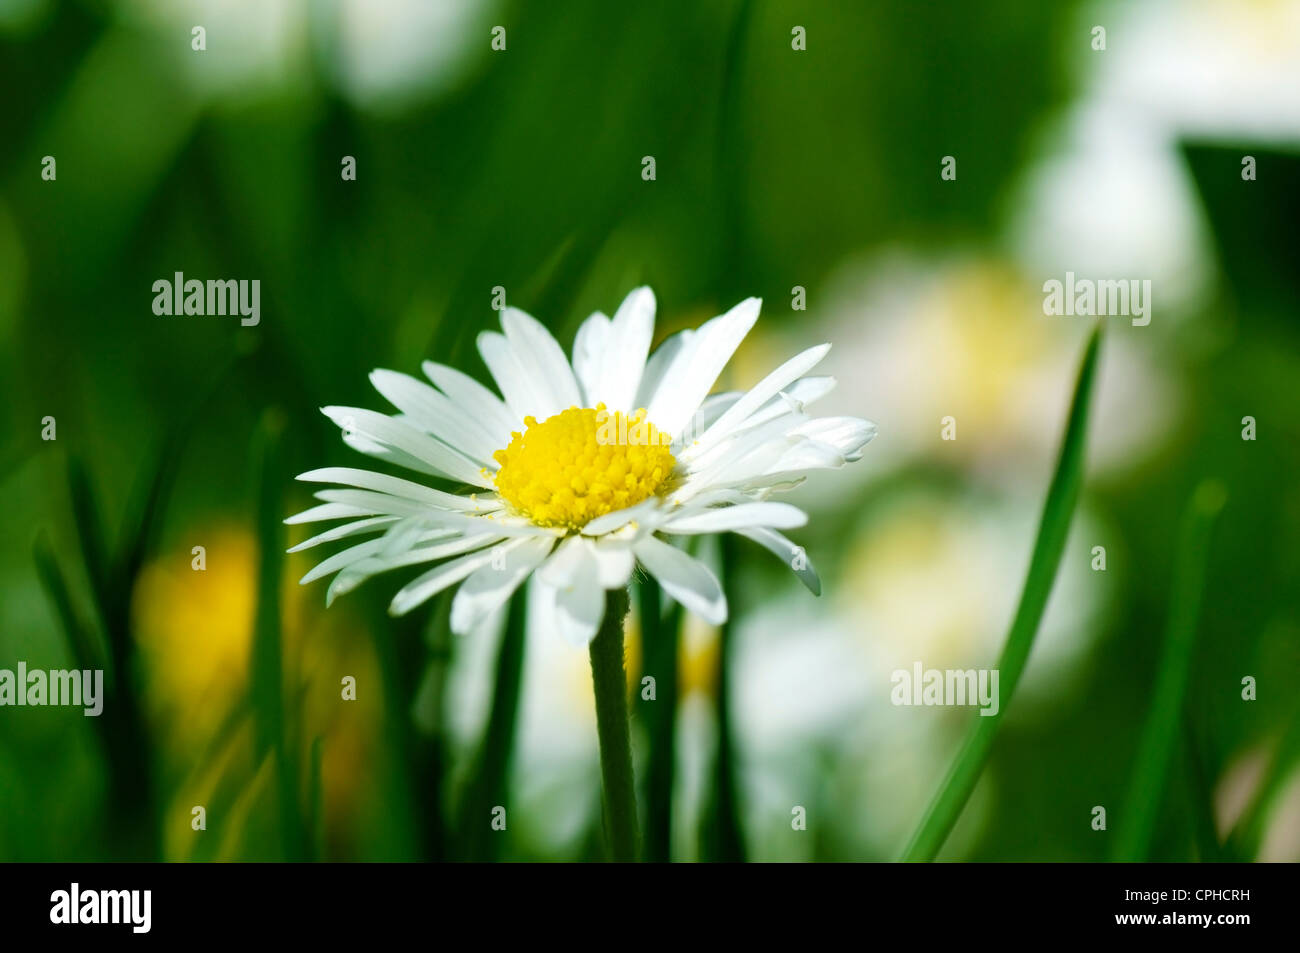 Closeup of a beautiful daisy flower bellis perennis stock photo closeup of a beautiful daisy flower bellis perennis izmirmasajfo Choice Image